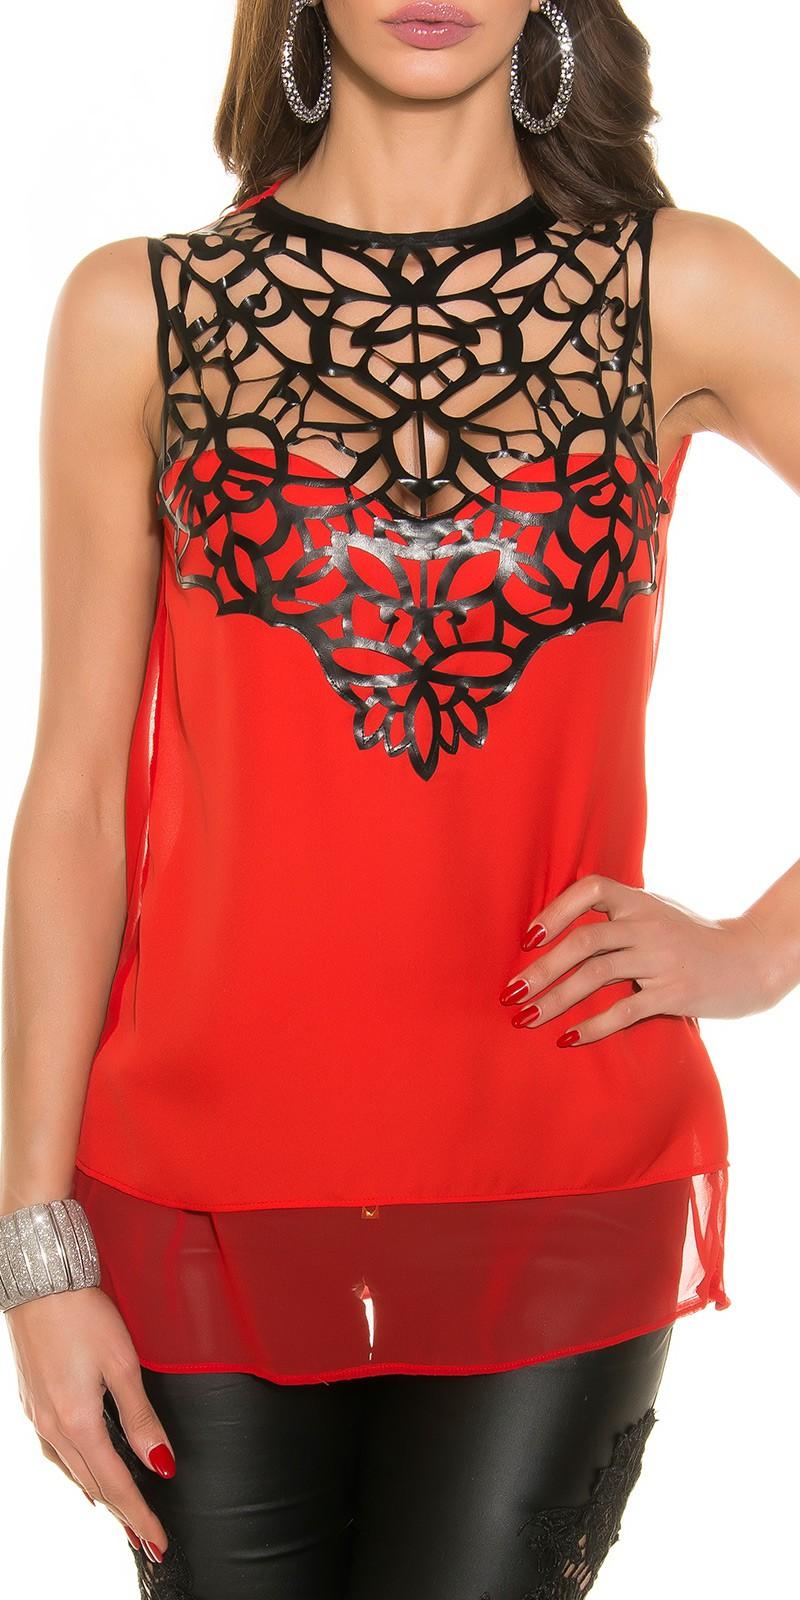 Nyitott hátú csinos női blúz bőrhatású dísszel - Piros (S fed8b5db82